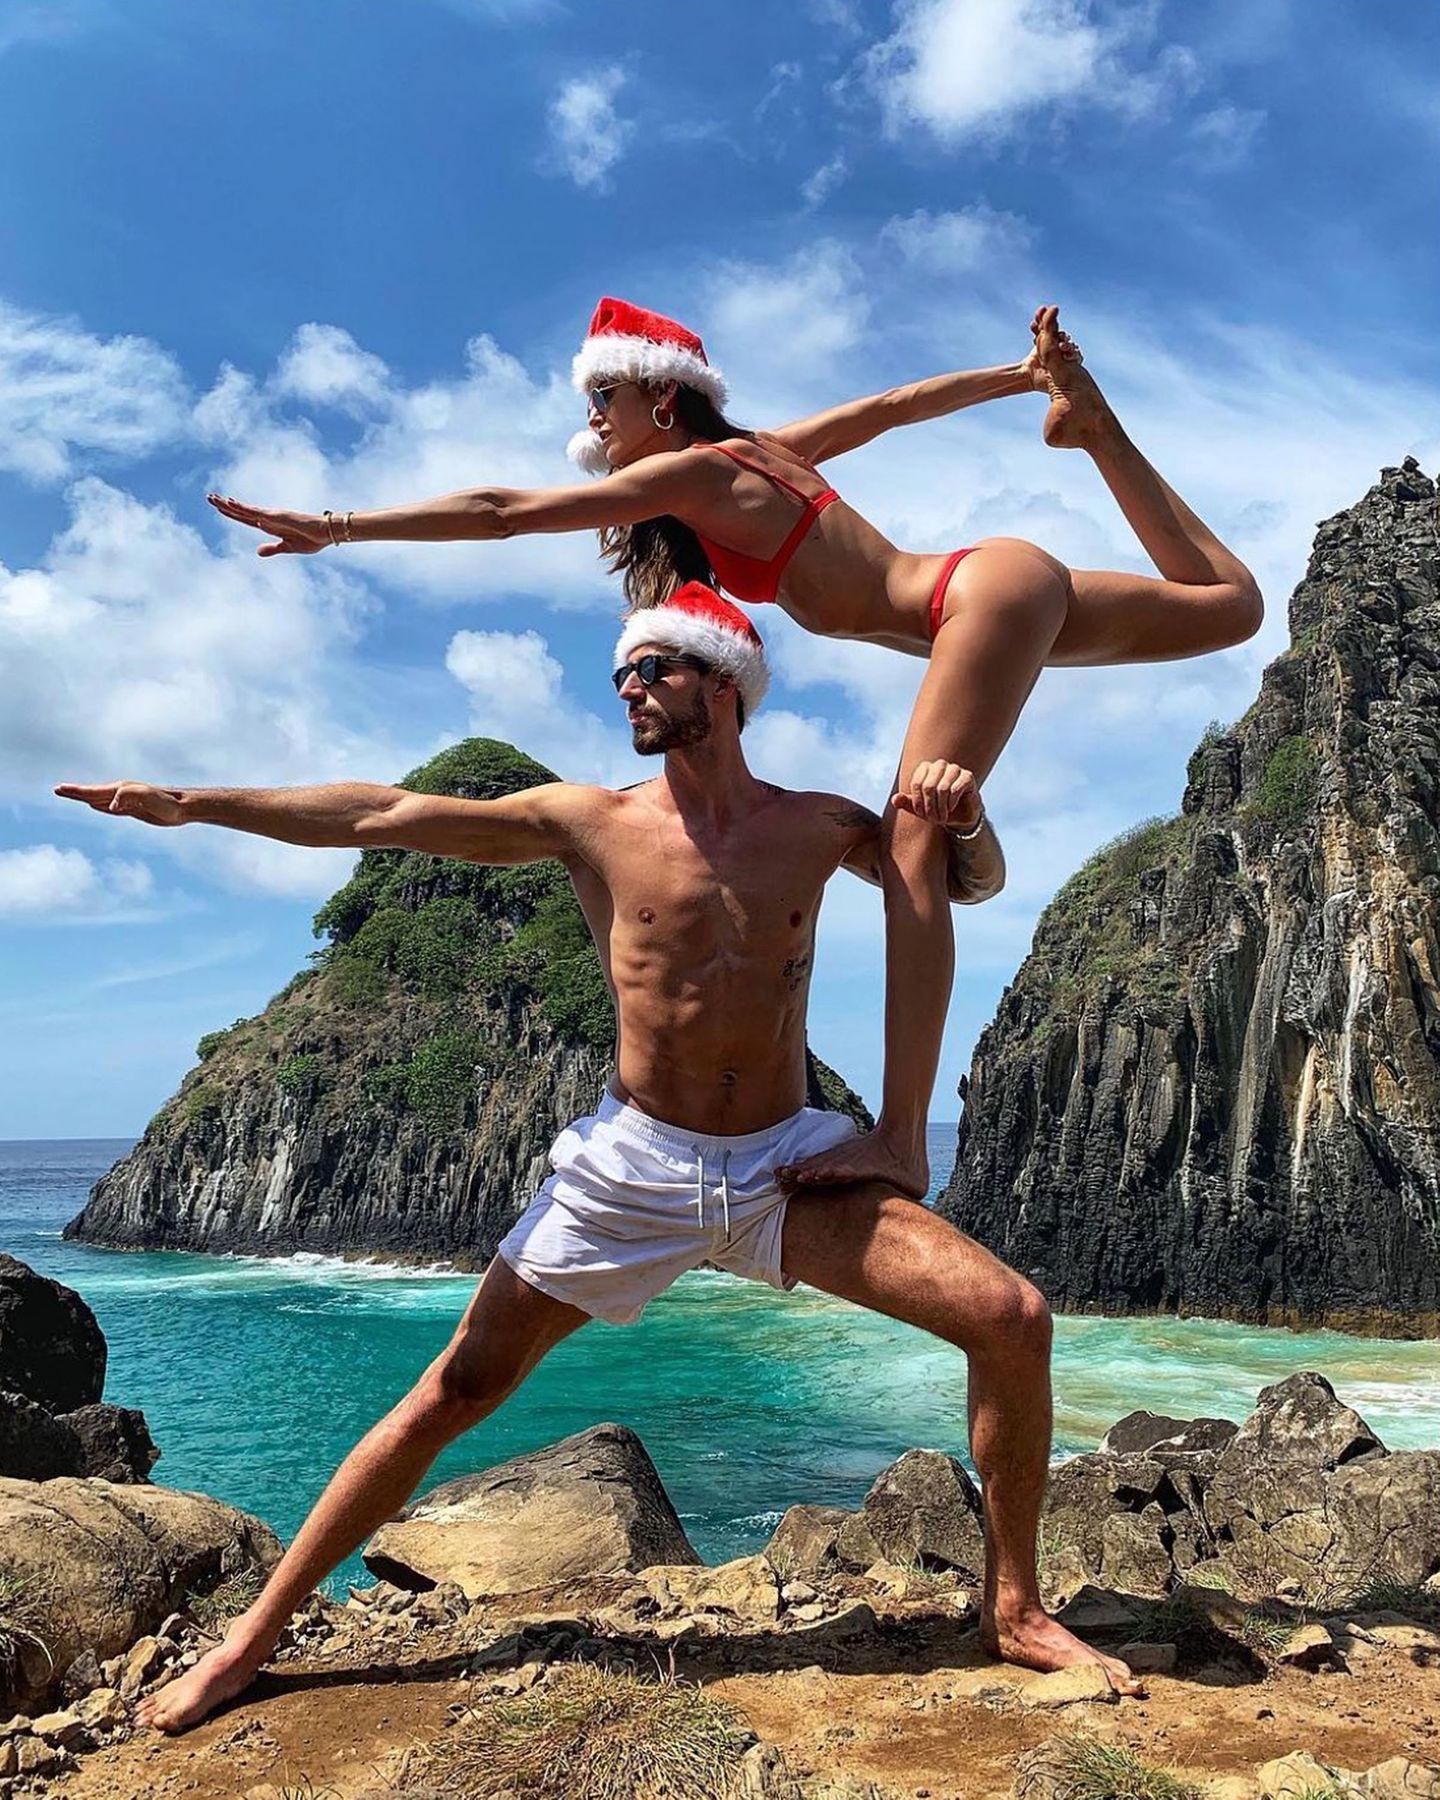 Feliz Natal! Einen ganz besonders akrobatischen Weihnachtsgruß schicken Kevin Trapp und Izabel Goulart ihren Instagram-Fans. Die beiden verbringen ihre Feiertage auf der brasilianischen Inselgruppe Fernando de Noronha.